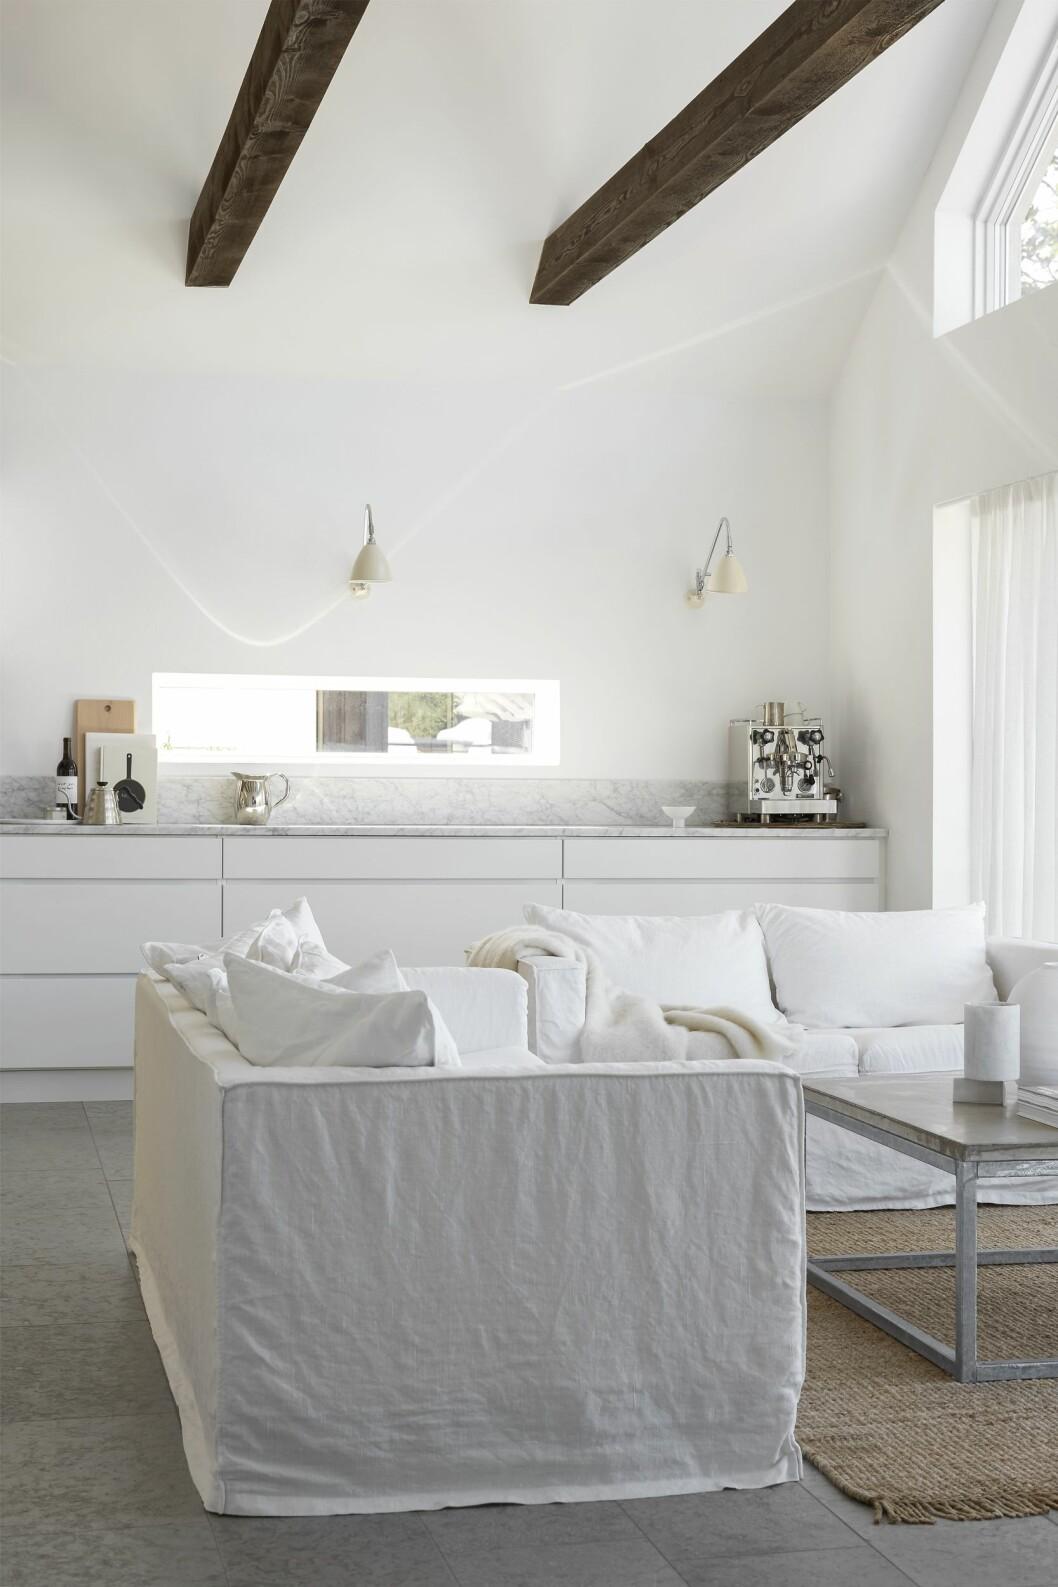 Kök från Kvik med specialbeställd bänkskiva i marmor. Vägglampor, Gubi Bestlite. Espressomaskin, Rocket.